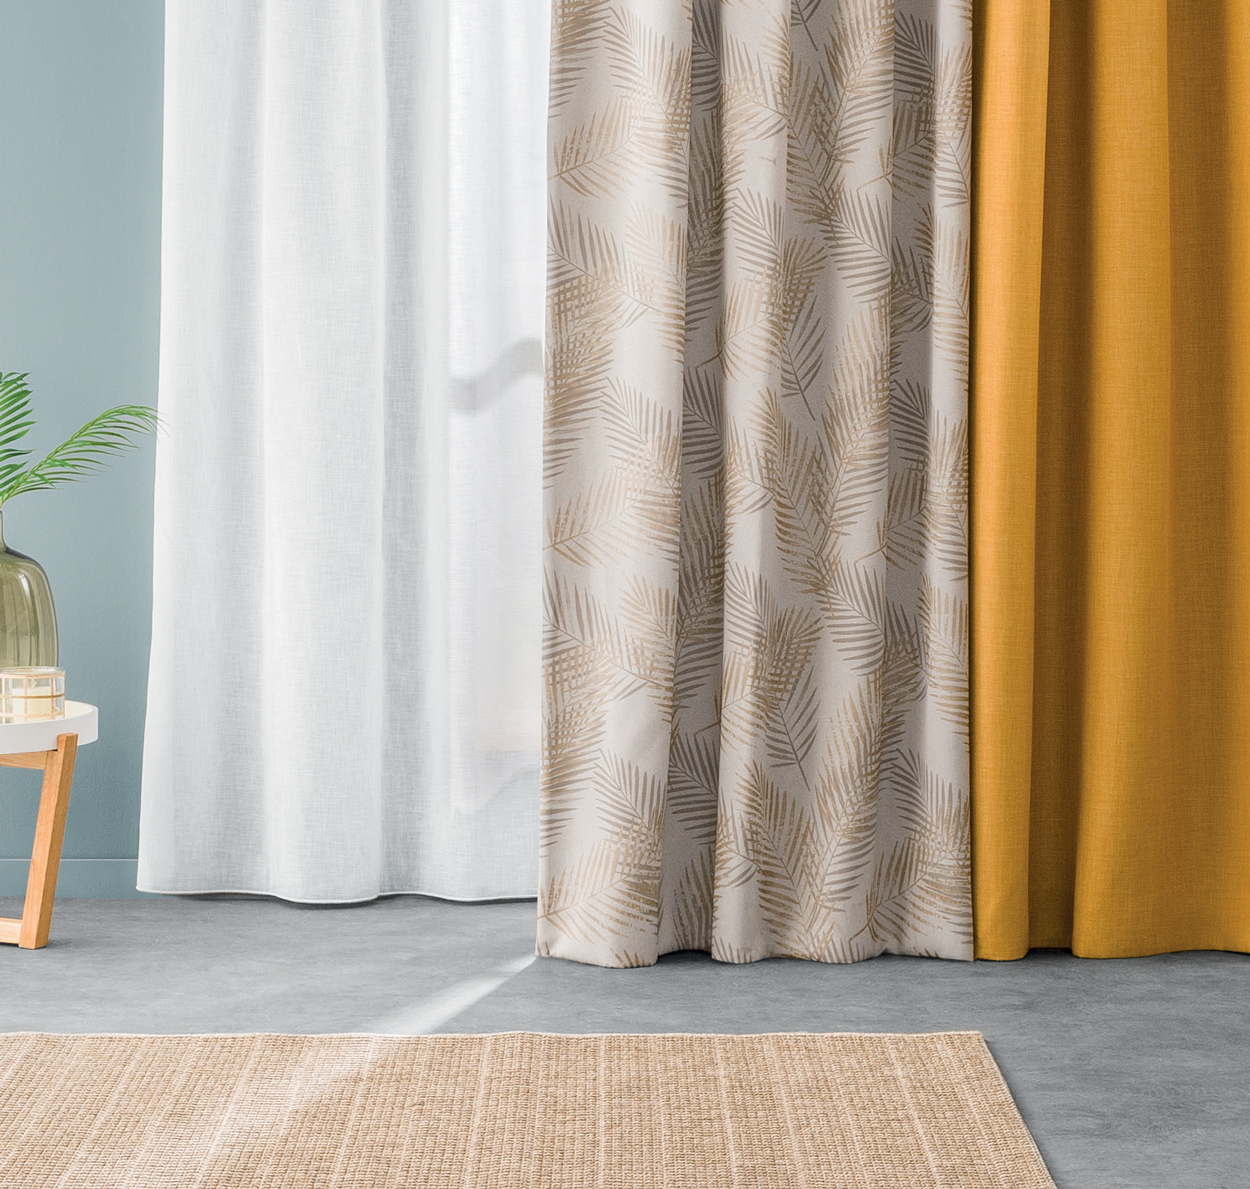 Strakke gordijnen op maat gemaakt, kleden je interieur helemaal af.